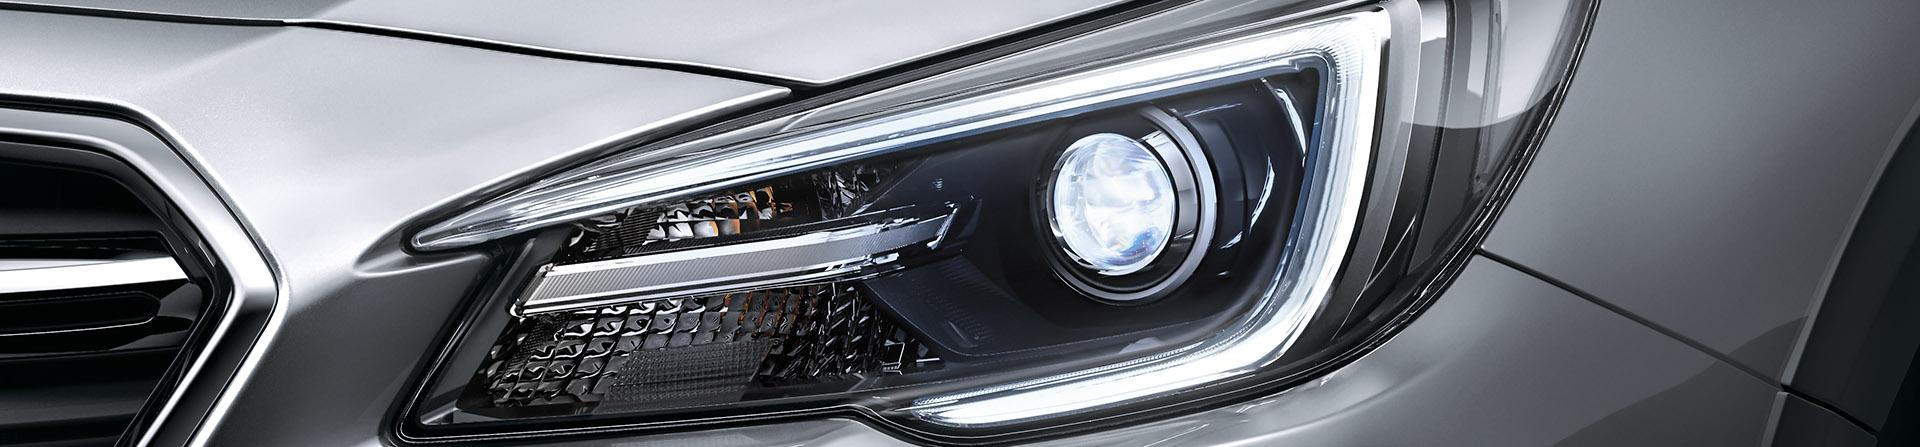 Subaru Outback Image 7